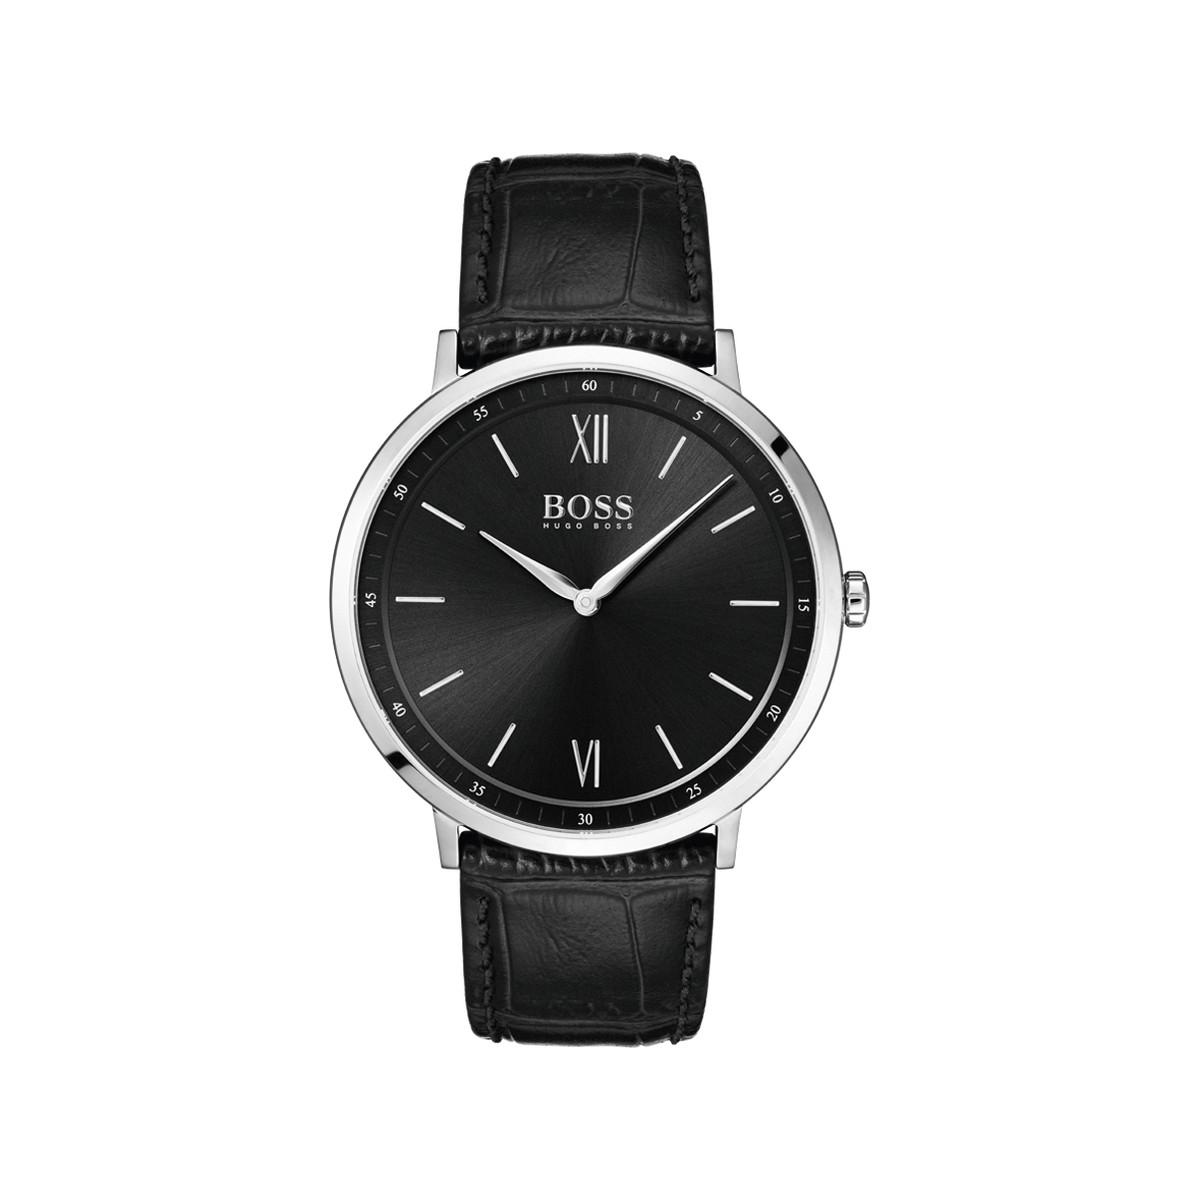 30ddefb5ebb Montre Hugo Boss homme acier cuir noir - Homme - modèle 1513647